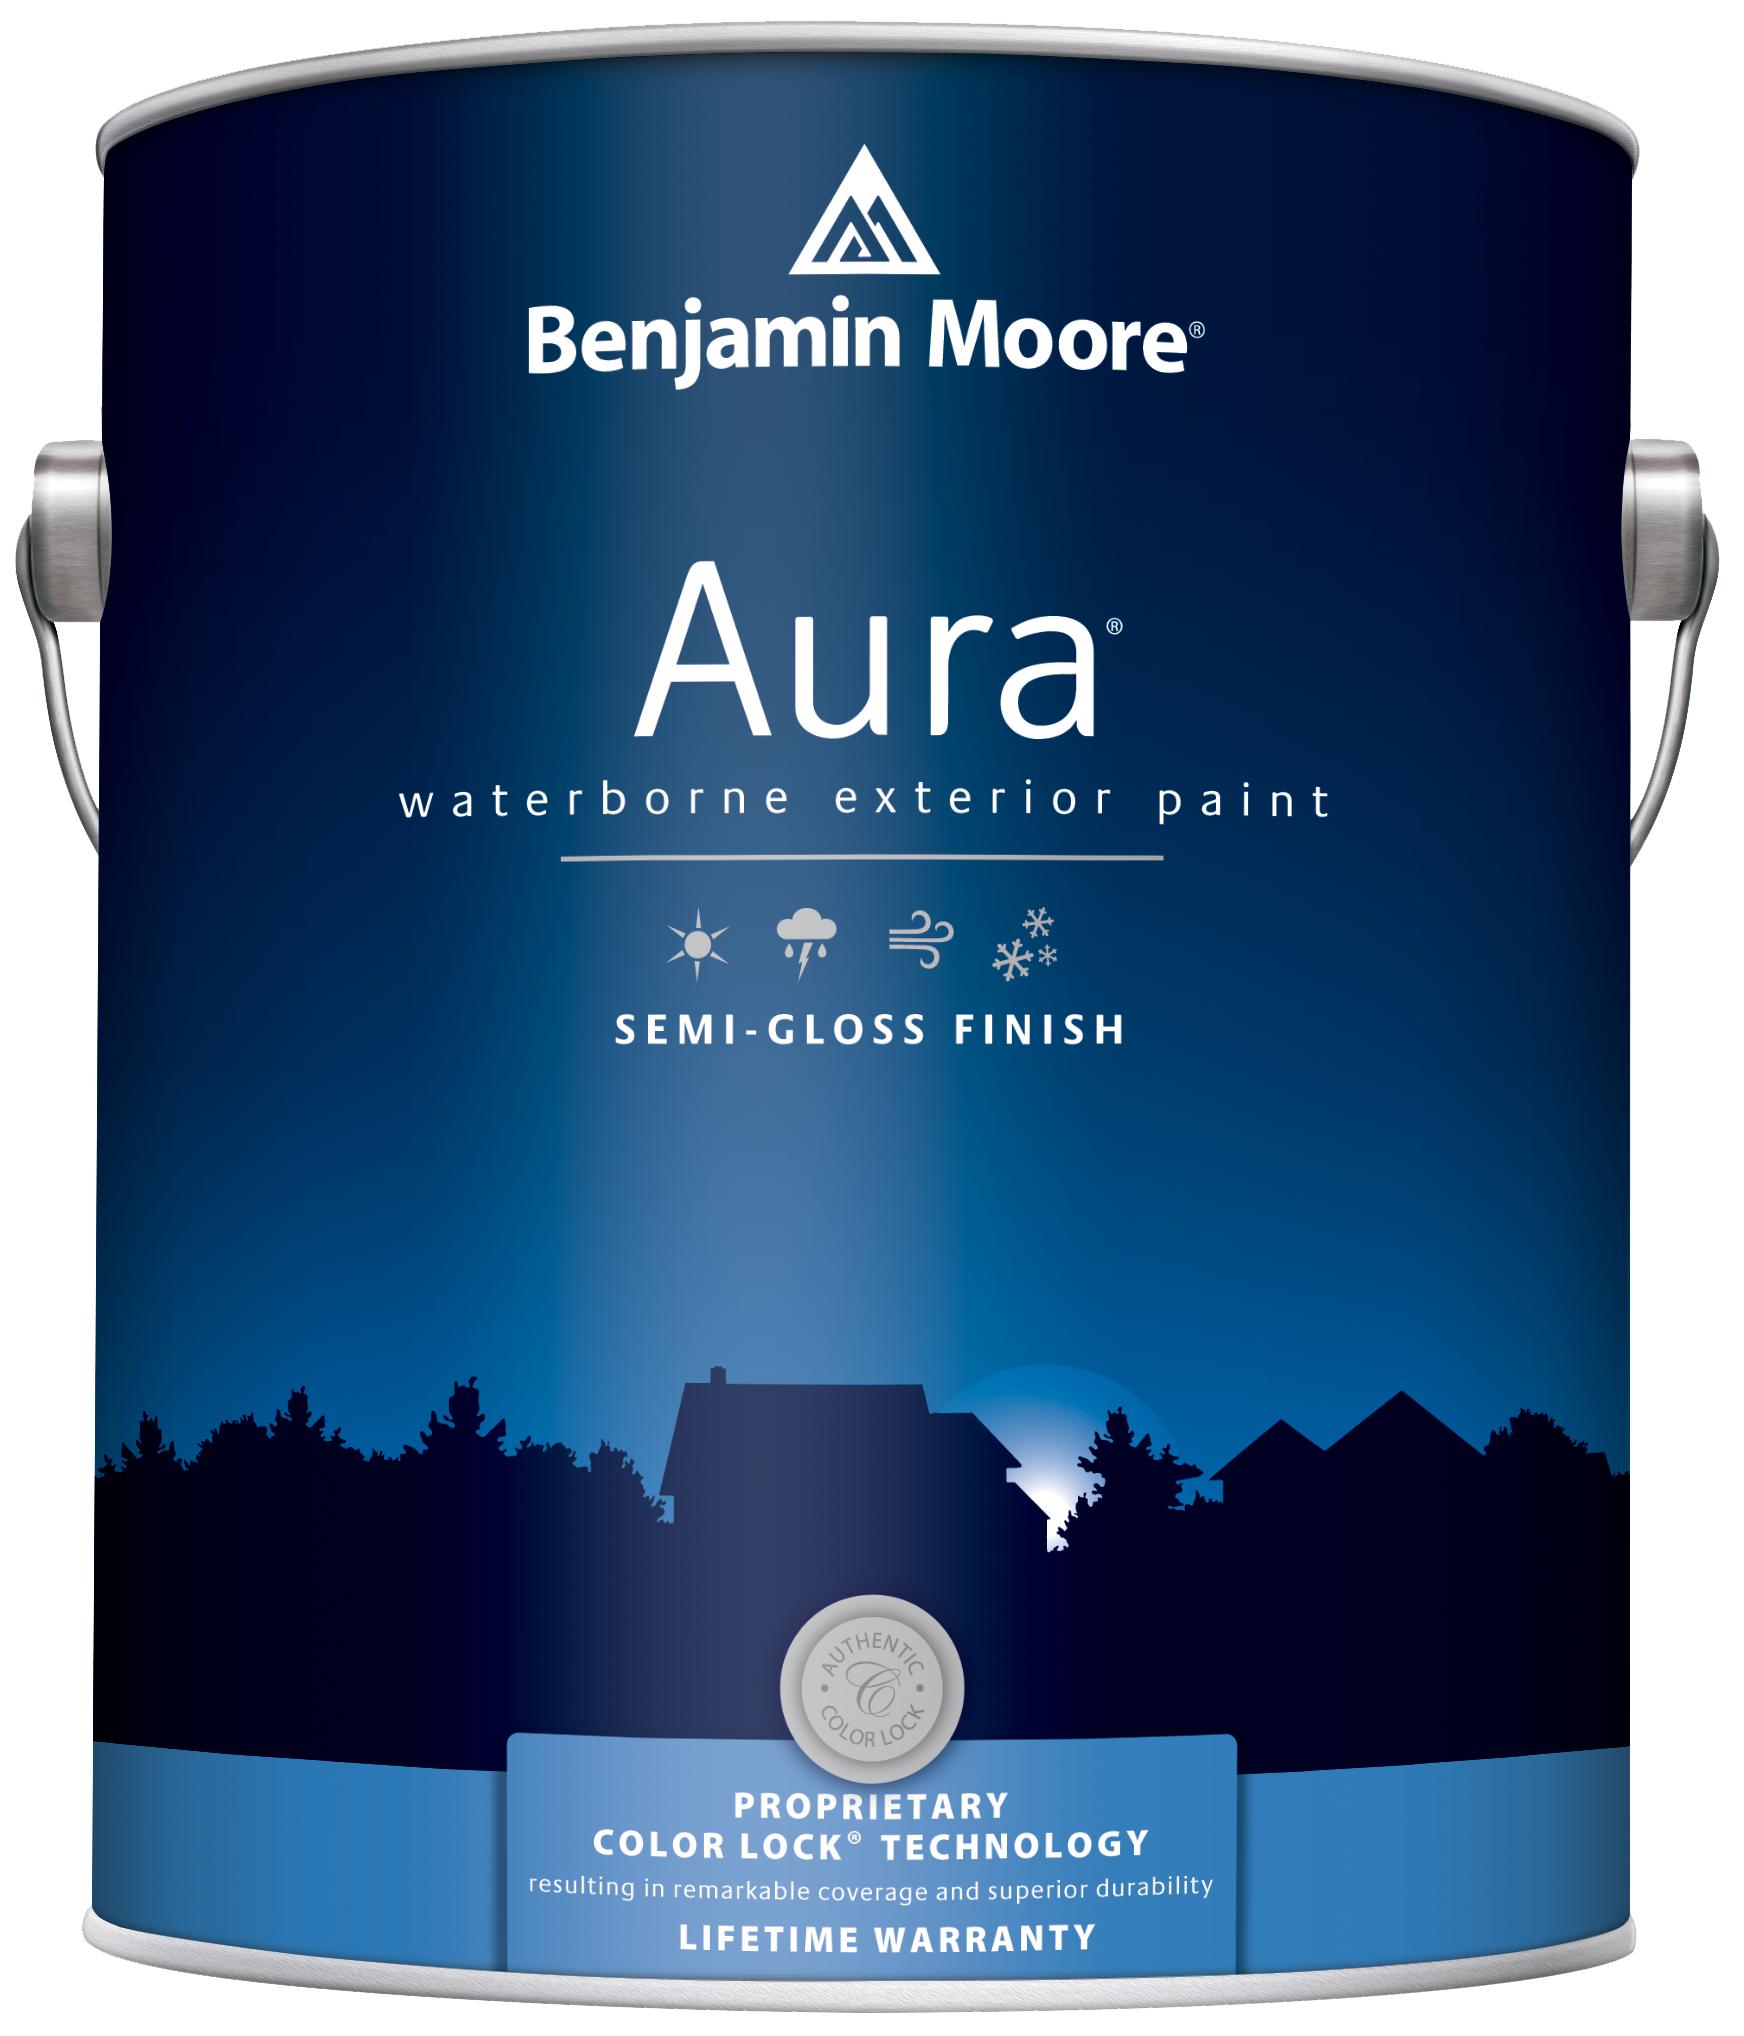 Краски для минеральных поверхностей Benjamin Moore Aura 632 Exterior Paint Semi-Gloss Finish краска для наружных работ, сатин.бел.(3,8л)